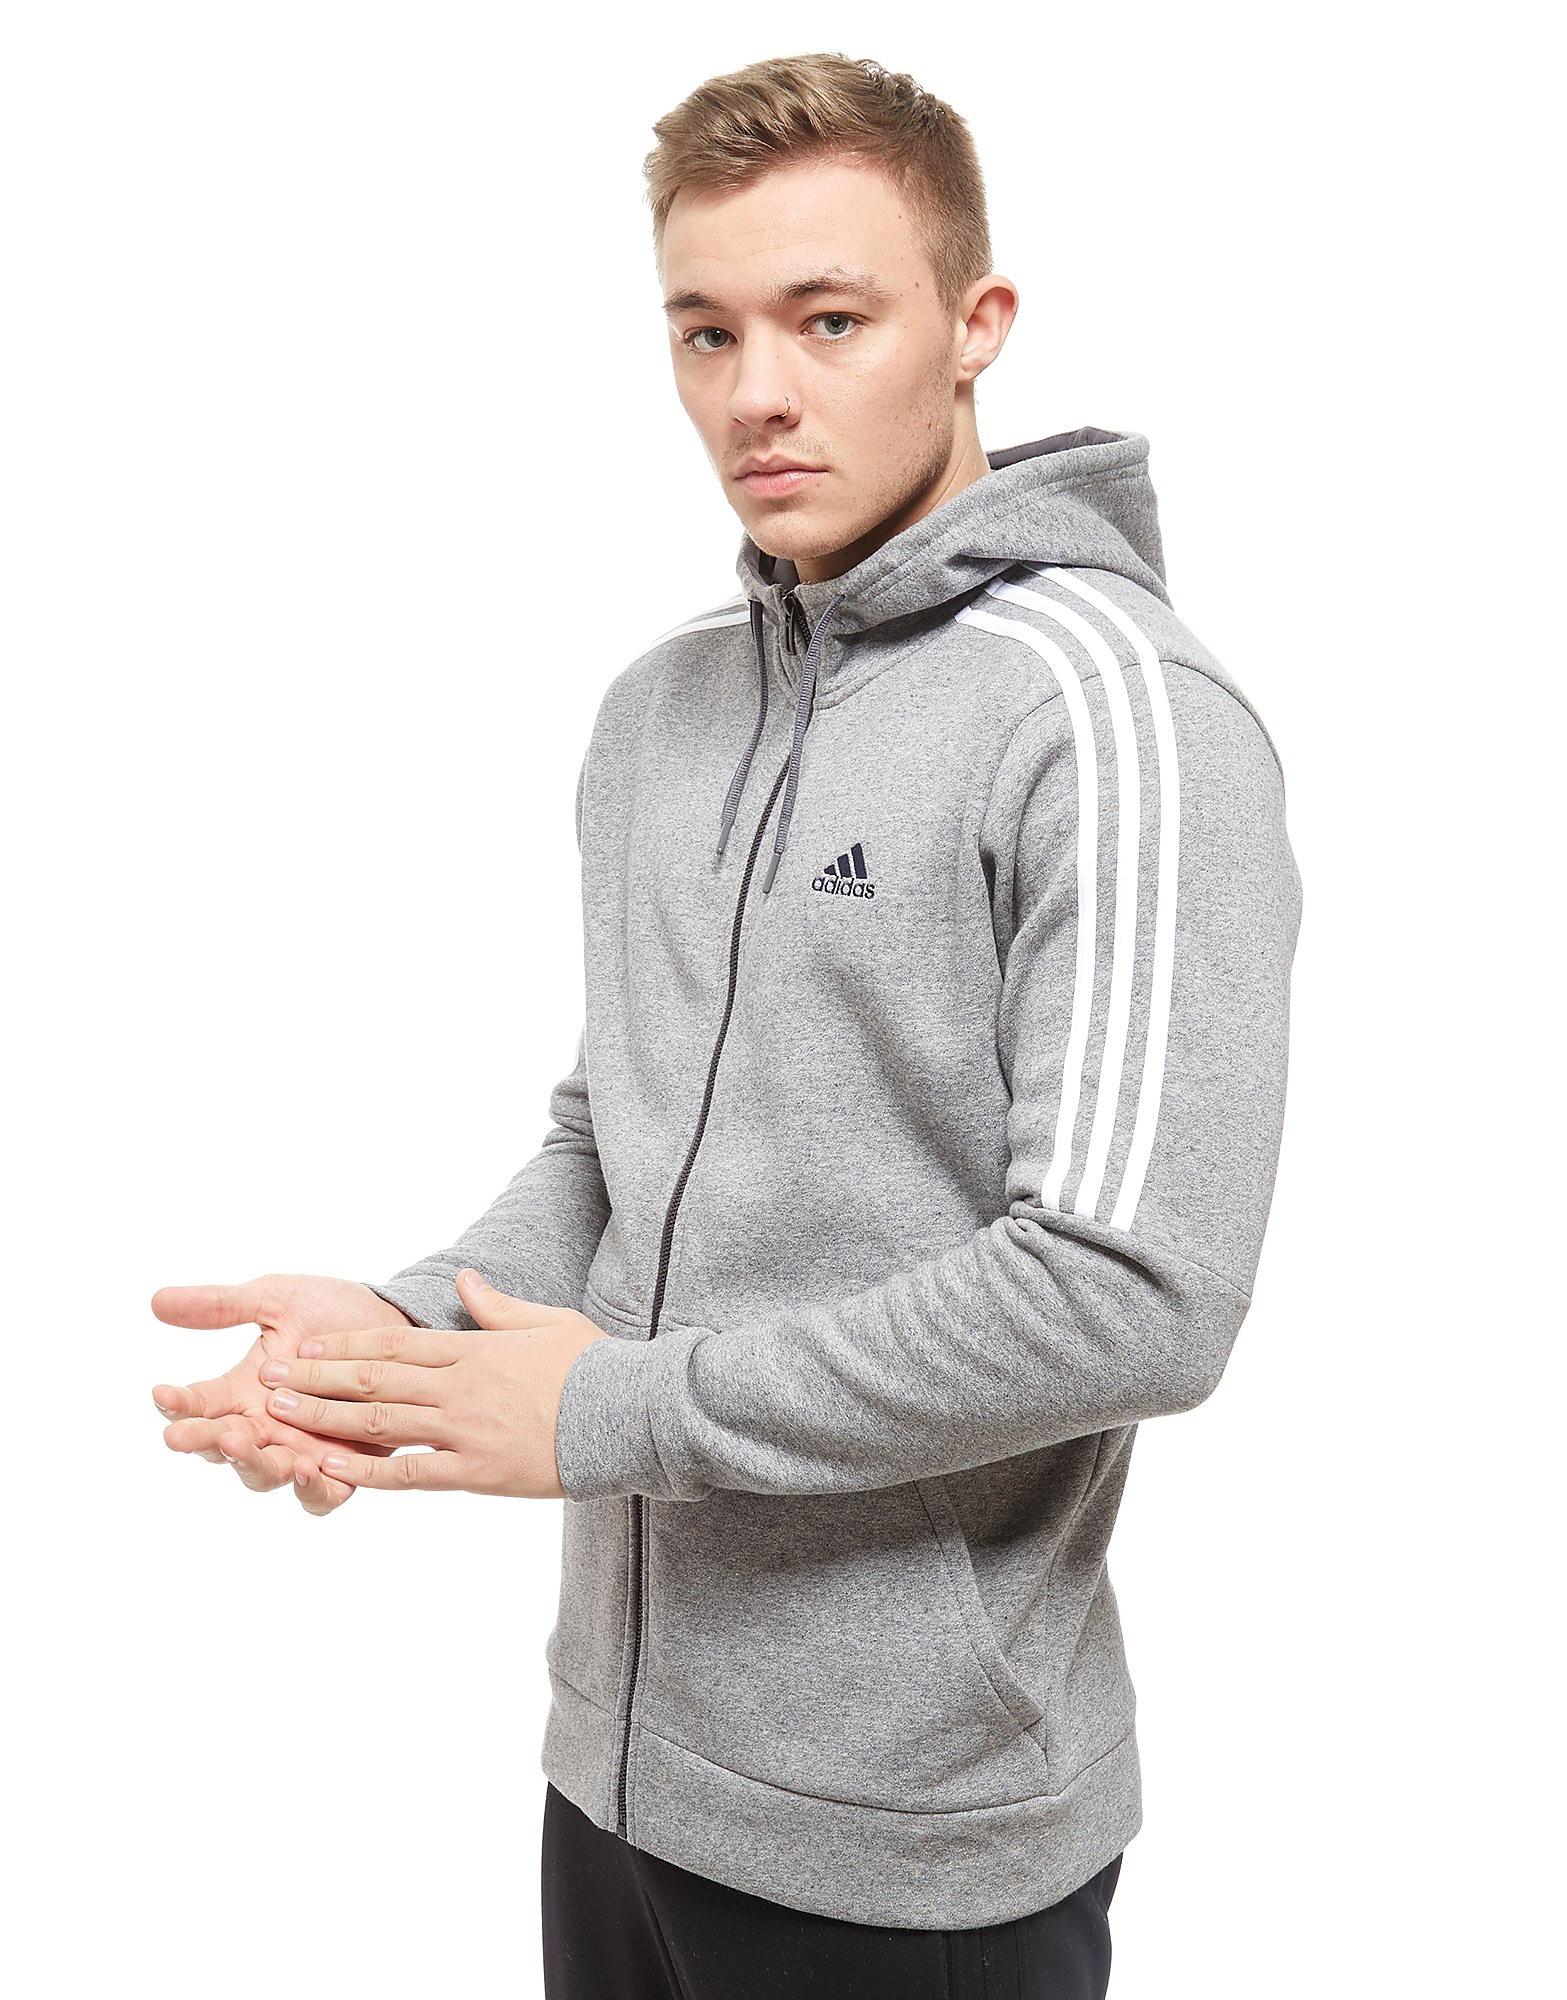 adidas Essential Voller Reißverschluss Kapuzenpullover Grau-Weiß